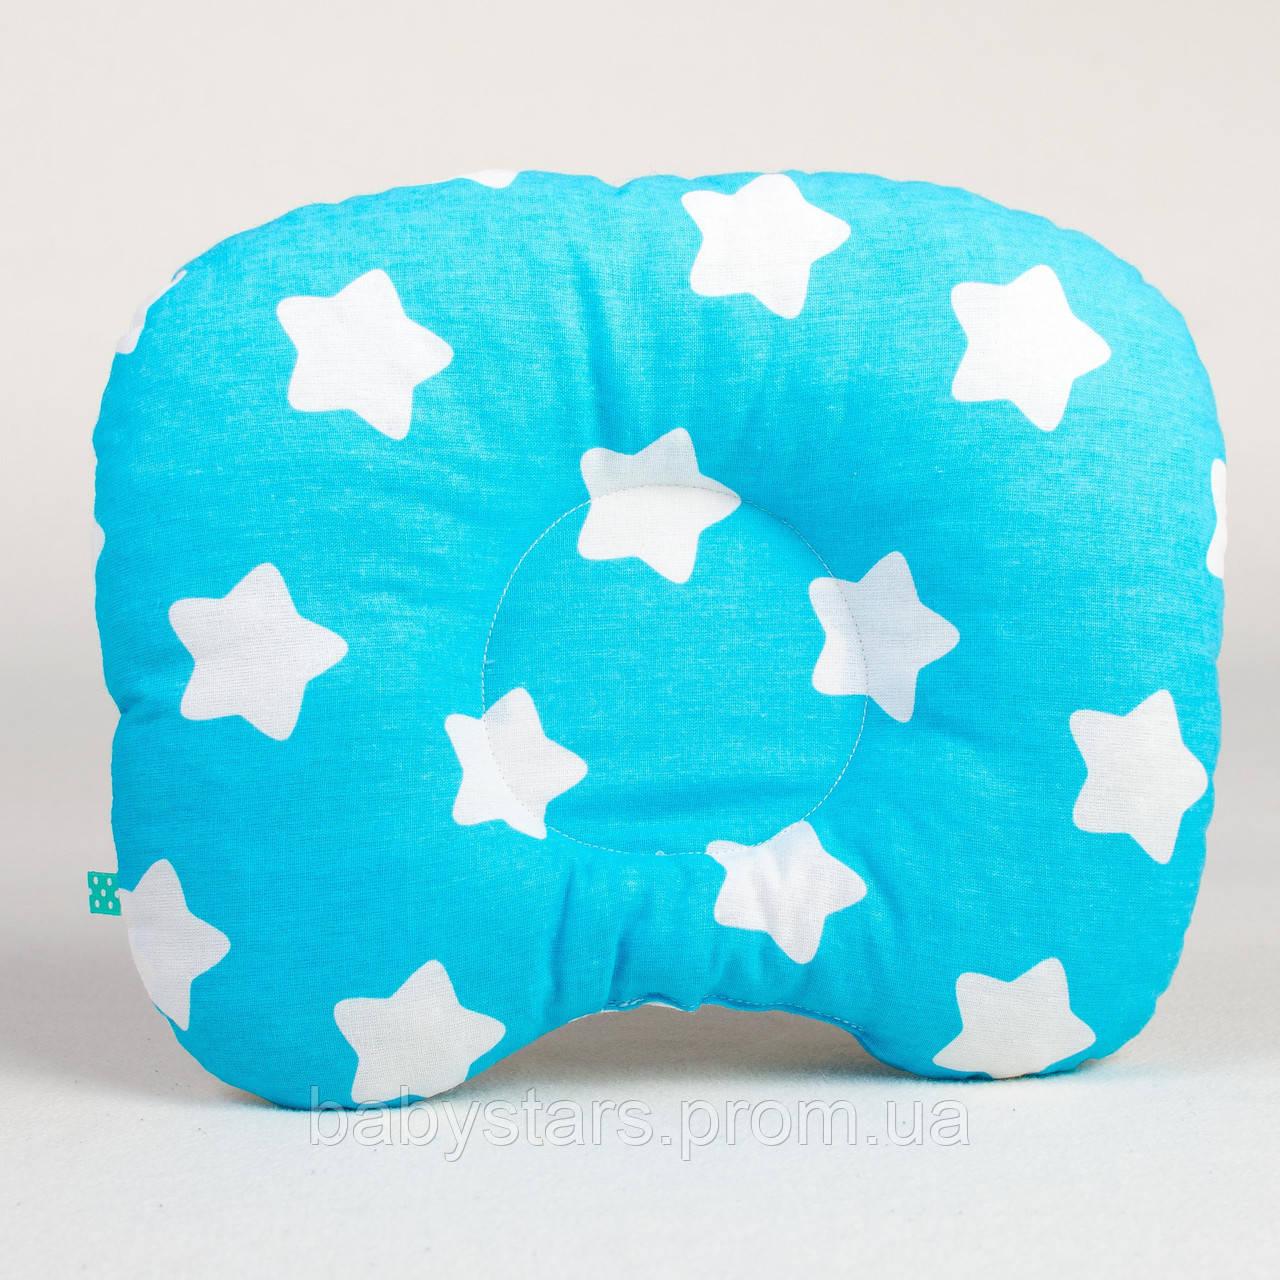 """Детская ортопедическая подушка 22х26 см, """"Белые звездочки на бирюзе"""""""